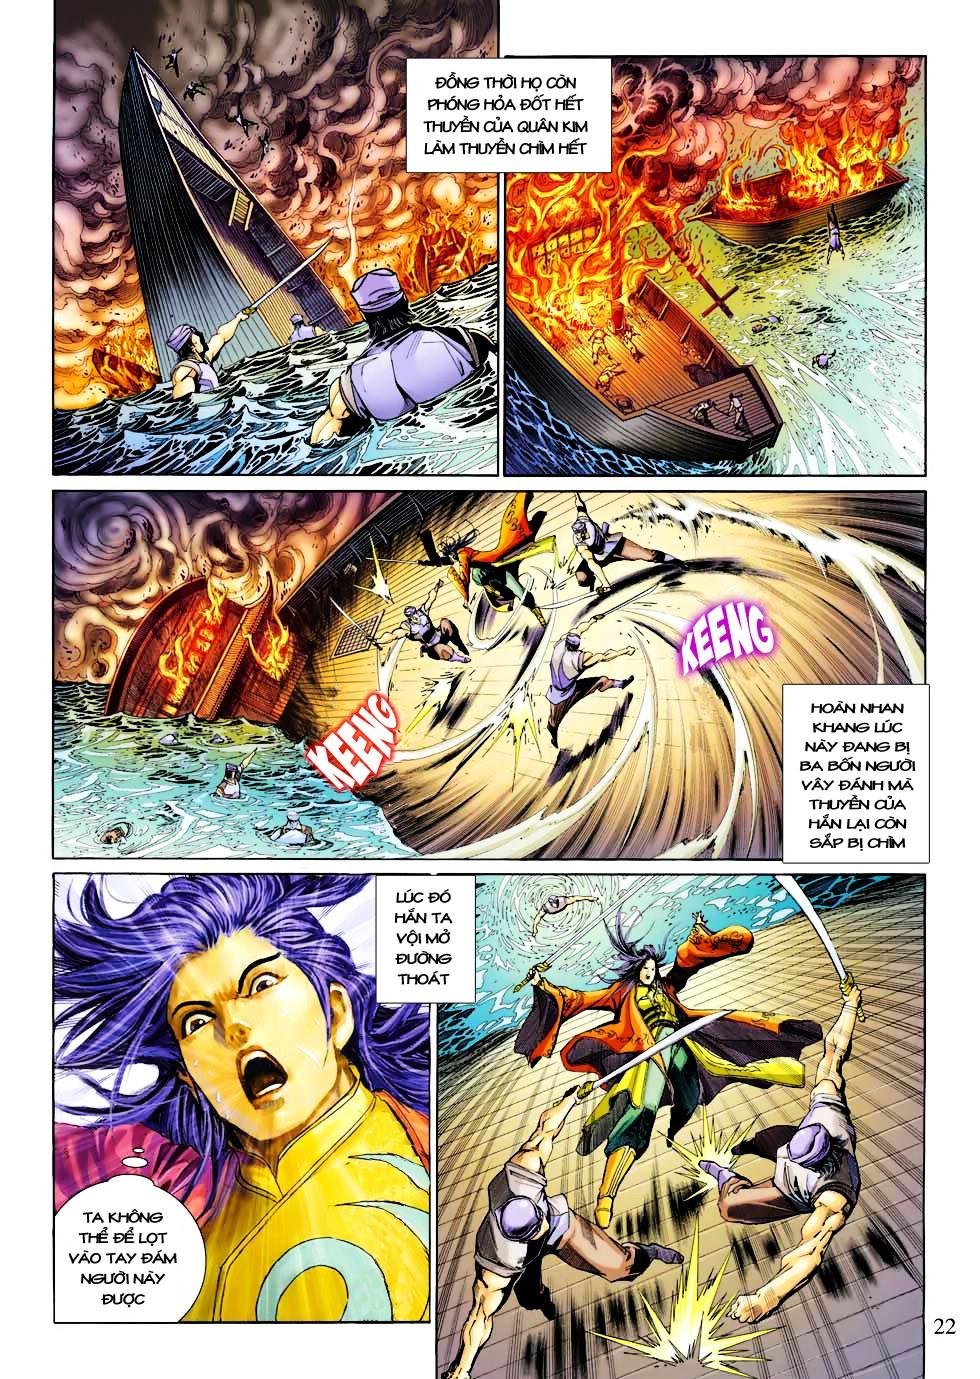 Anh Hùng Xạ Điêu anh hùng xạ đêu chap 27 trang 22